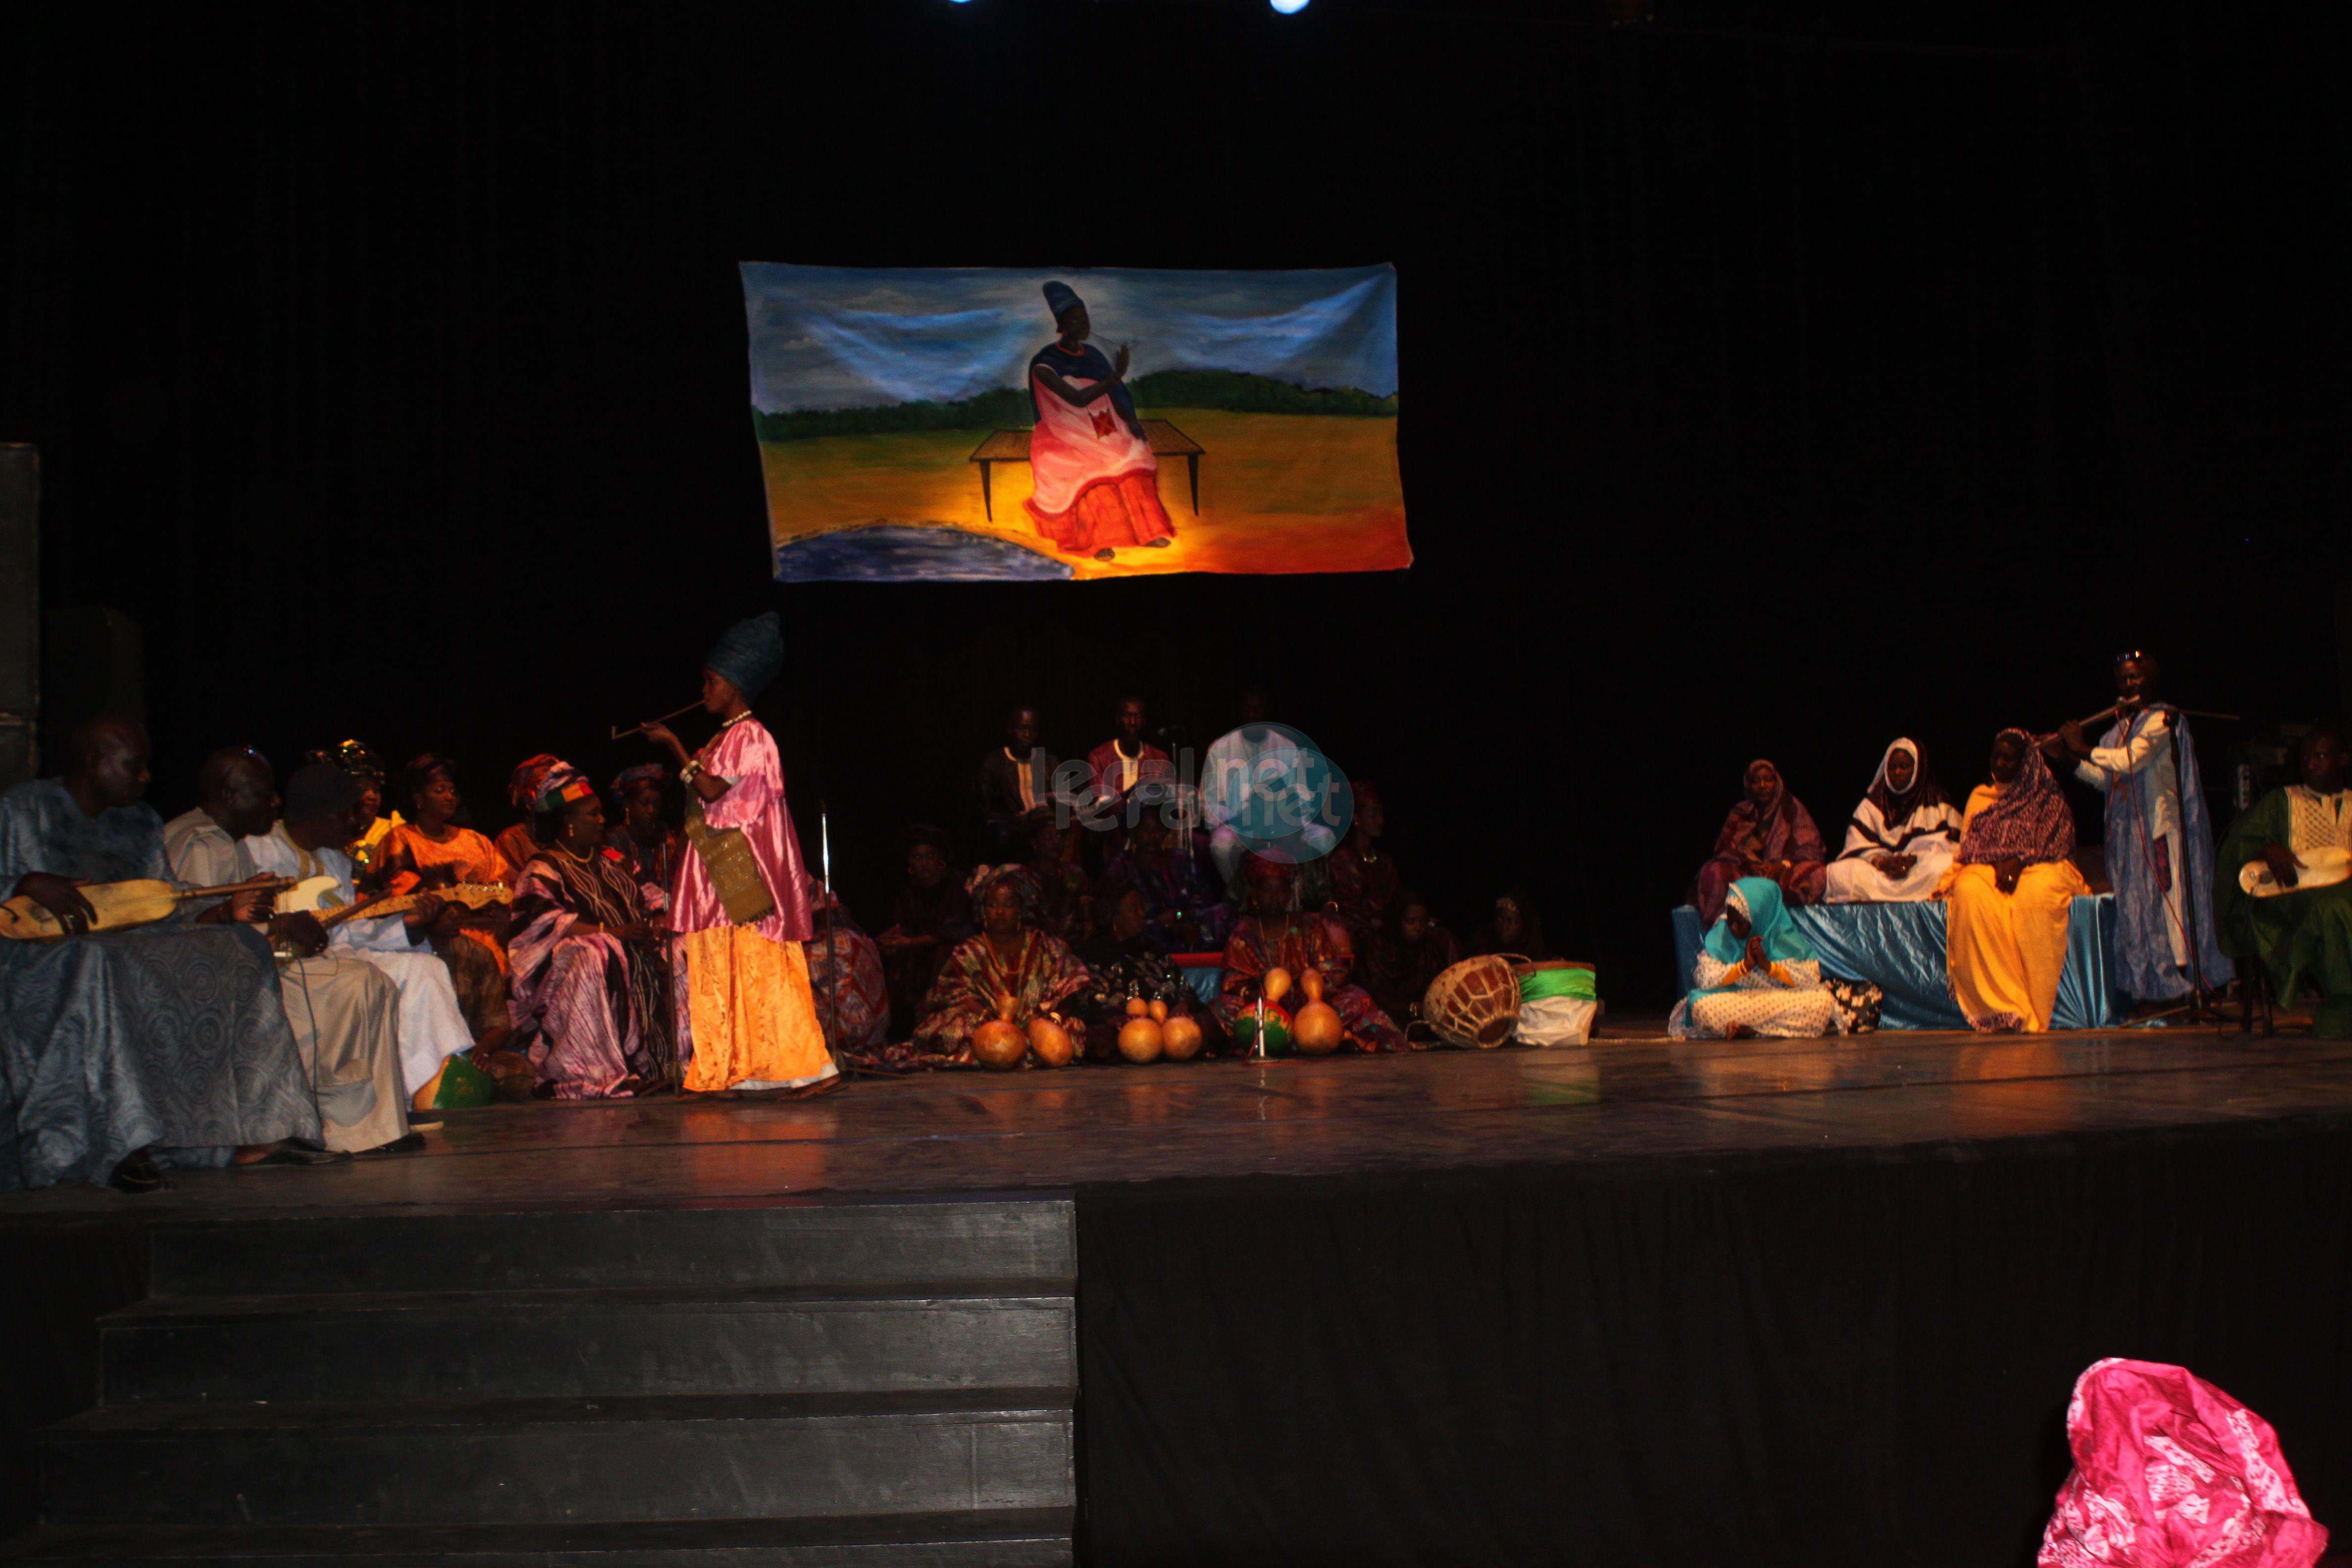 La grande nuit du Waalo organisée par l'association Jappo Liggeyal Dagana étale la culture des peuples de l'eau